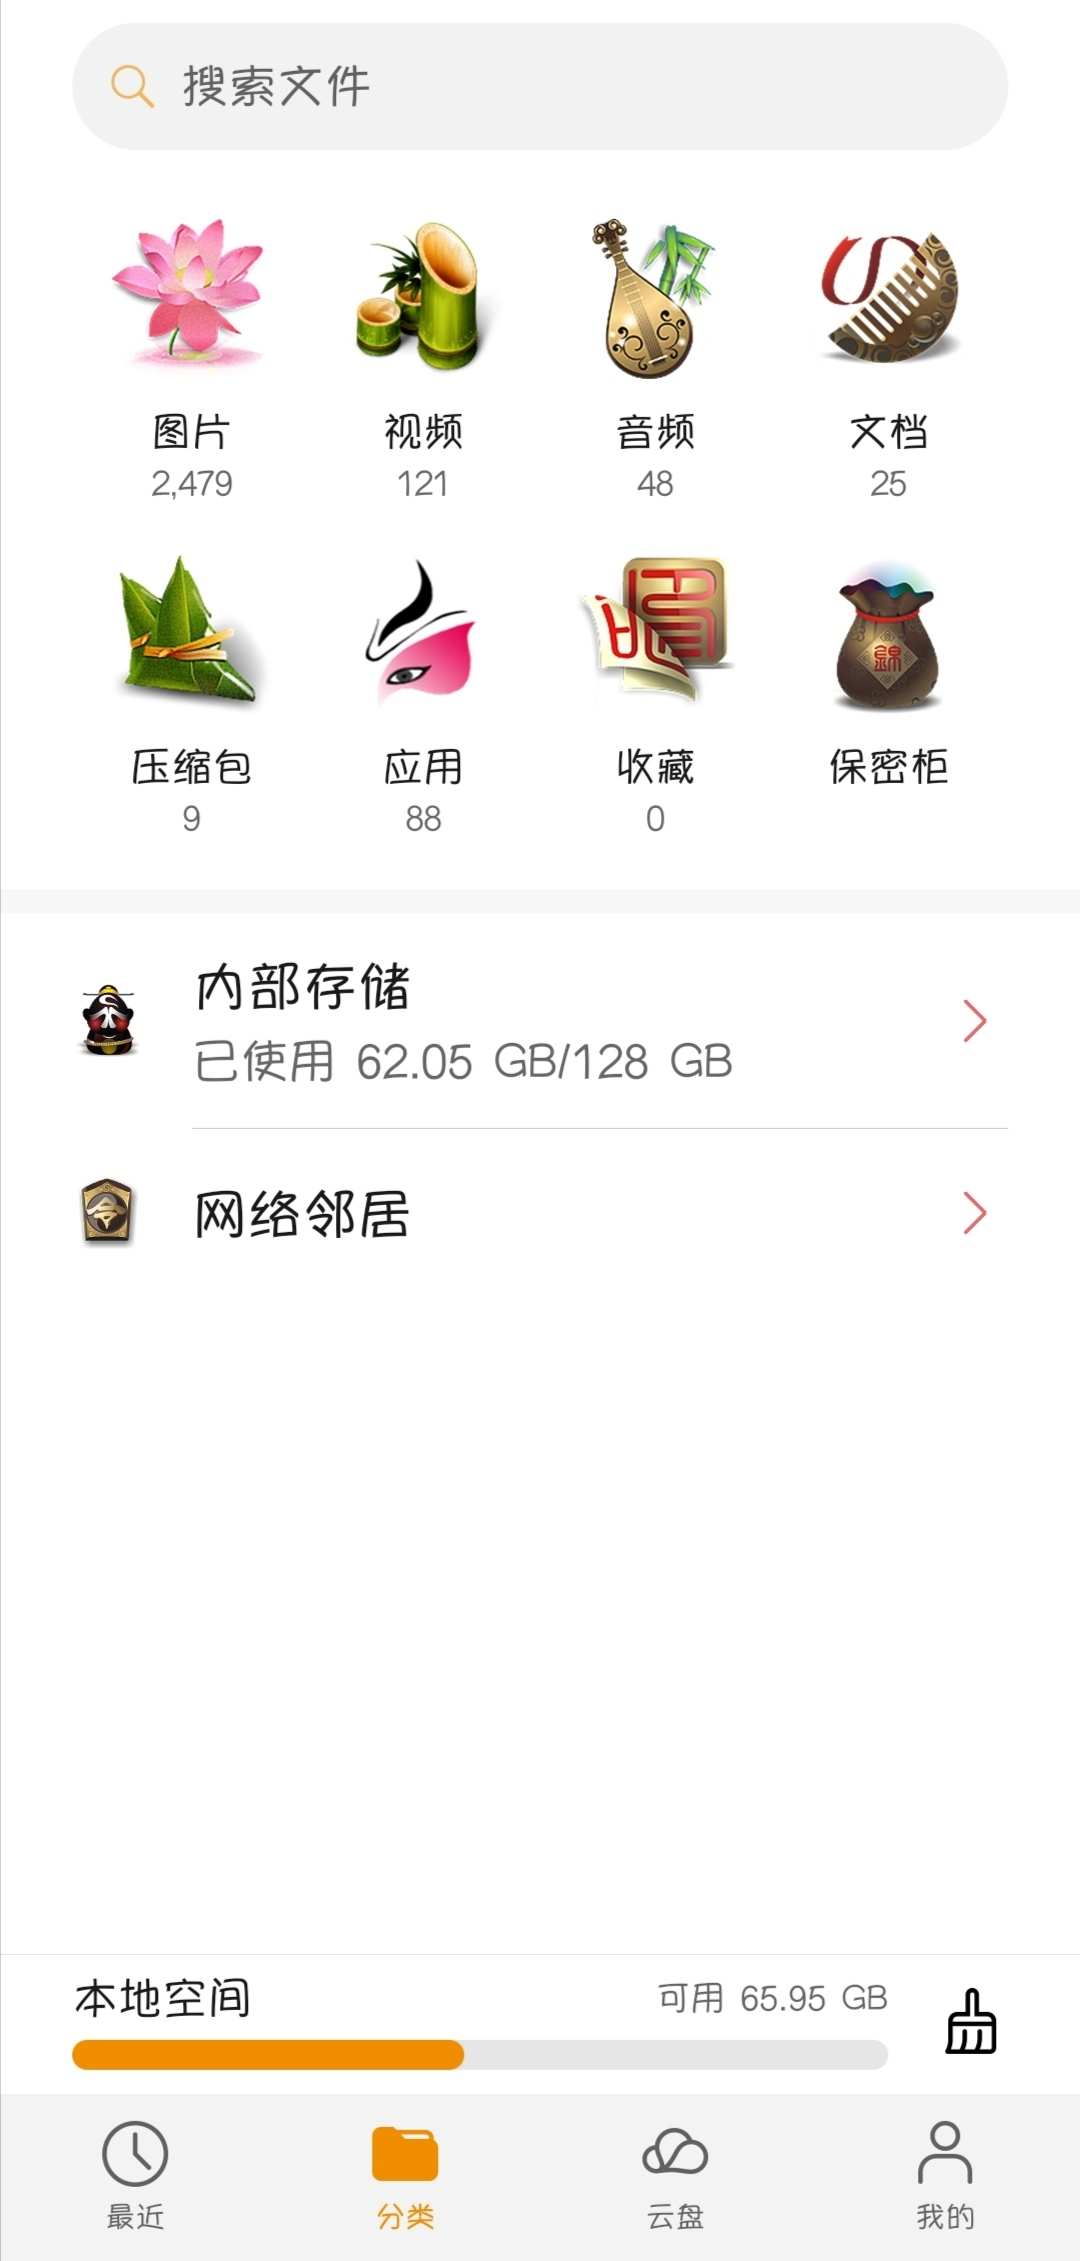 Screenshot_20200818_103913.jpg